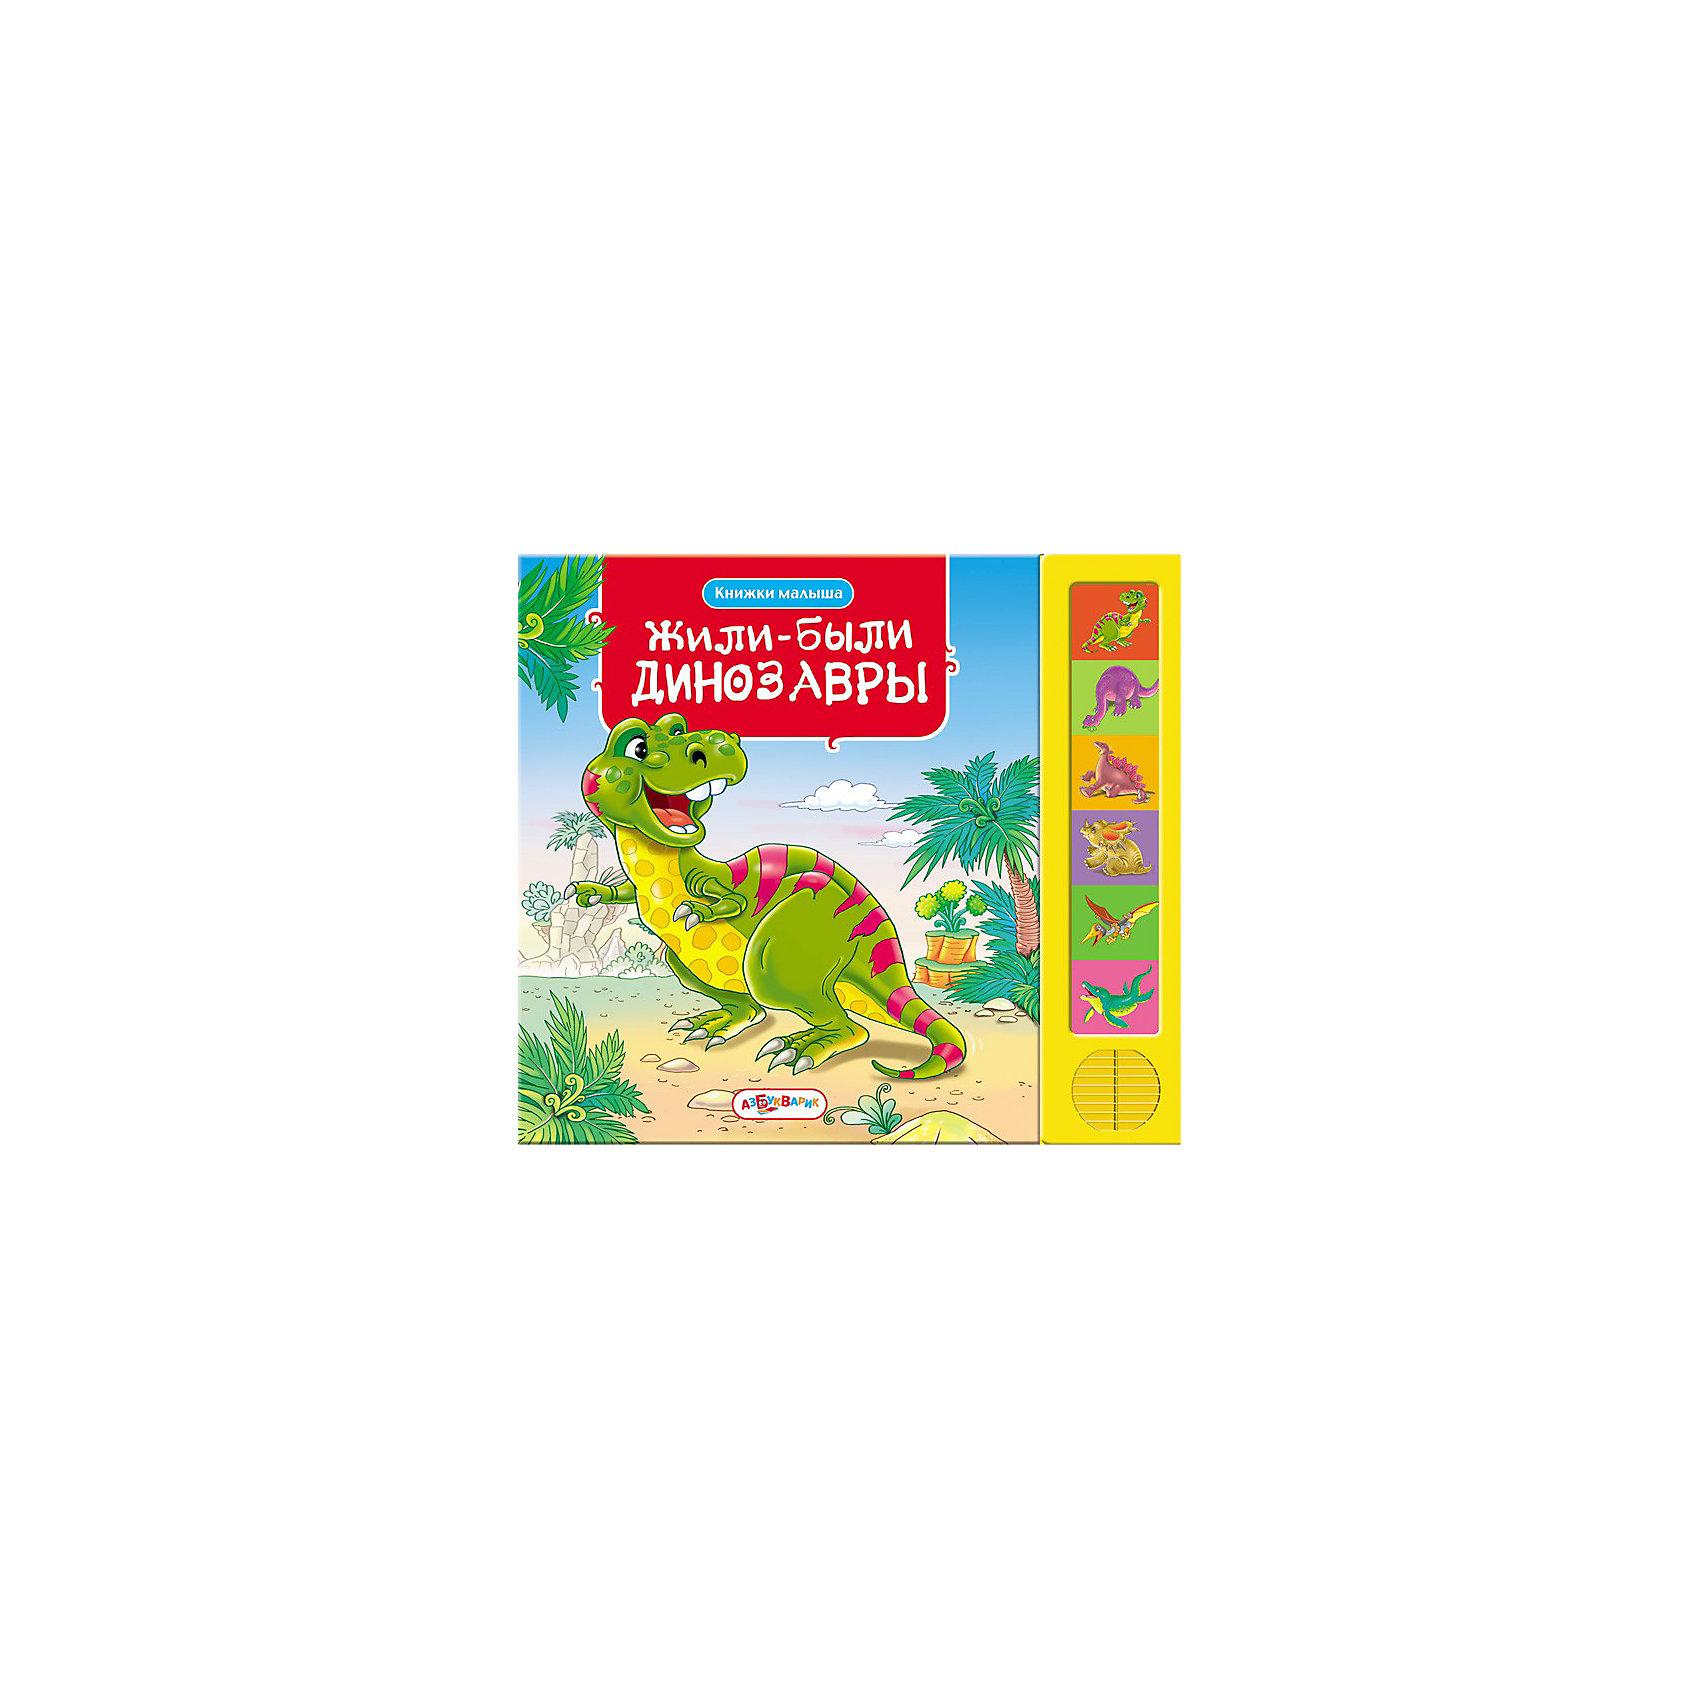 Азбукварик Жили-были динозавры. Серия Книжки малышаМузыкальные книги<br>Книга с электронным звуковым модулем. Малыш! Посмотри, какие милые и забавные динозаврики на страницах этой книжки! Ты узнаешь о них много интересного: что они ели, как защищались от врагов, у кого были рога, шипы, панцыри. А ещё ты услышишь, как динозаврики разговаривали!<br><br> Дополнительная информация: <br><br>-Картонная книга со звуковым модулем<br>-Формат: 220x190мм<br>-Кол-во страниц: 12 карт. стр.<br>-Батарейки: L1154 (в комплекте)<br><br>Книгу издательства Азбукварик Жили были динозавры Серия Книжки малыша  можно купить в нашем интернет-магазине.<br><br>Ширина мм: 280<br>Глубина мм: 420<br>Высота мм: 210<br>Вес г: 364<br>Возраст от месяцев: 24<br>Возраст до месяцев: 48<br>Пол: Унисекс<br>Возраст: Детский<br>SKU: 2267232